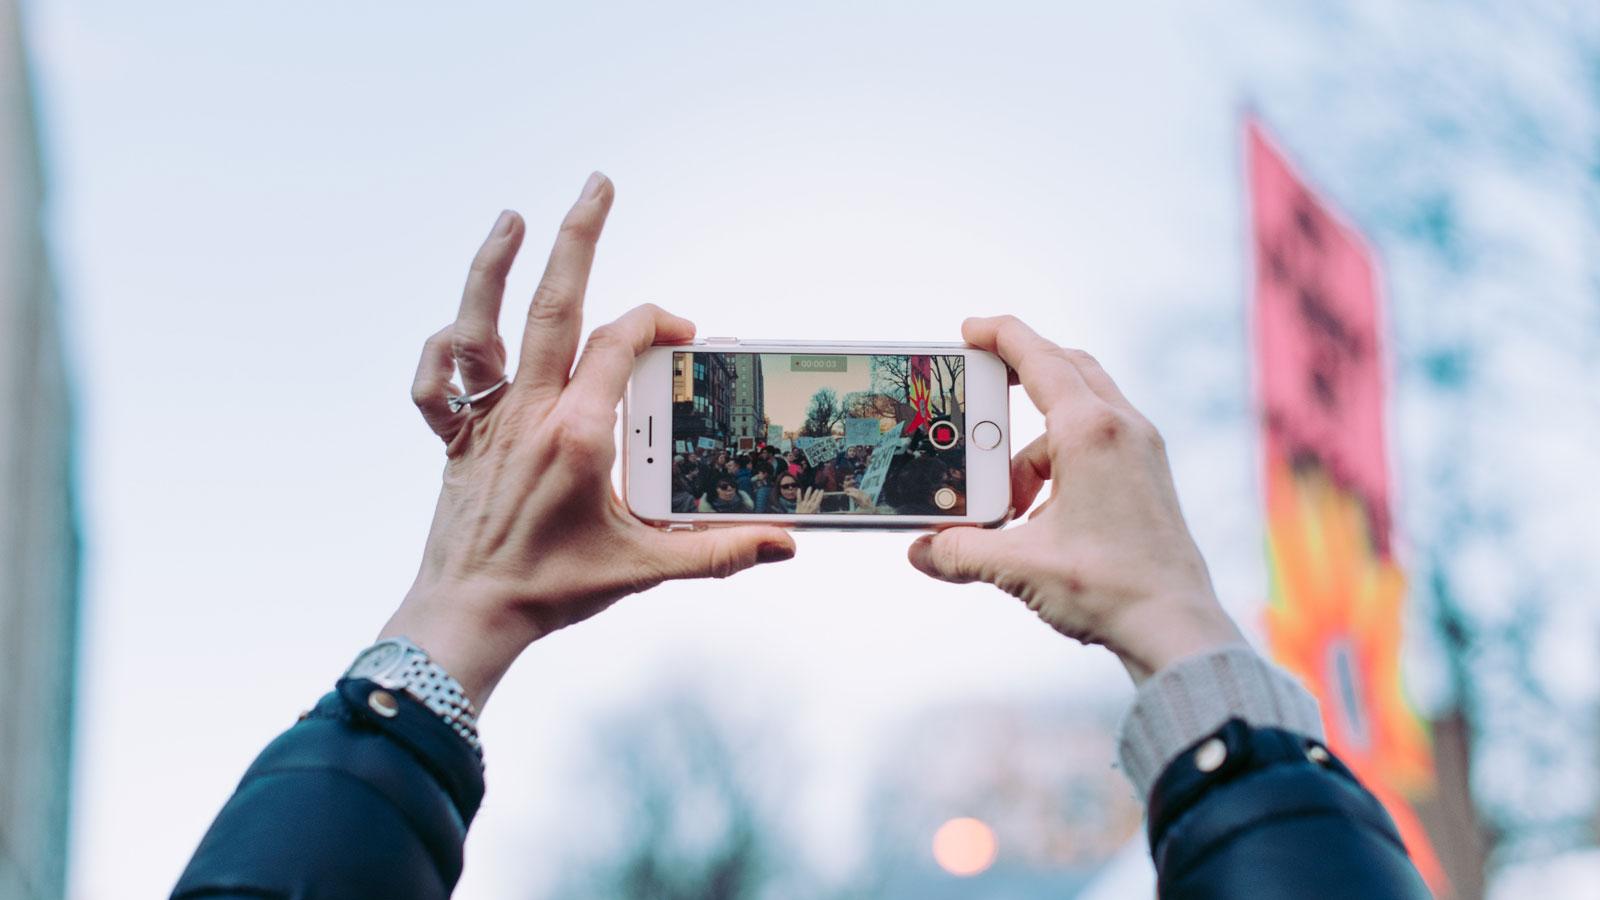 Private Fotos auf dem iPhone schützen